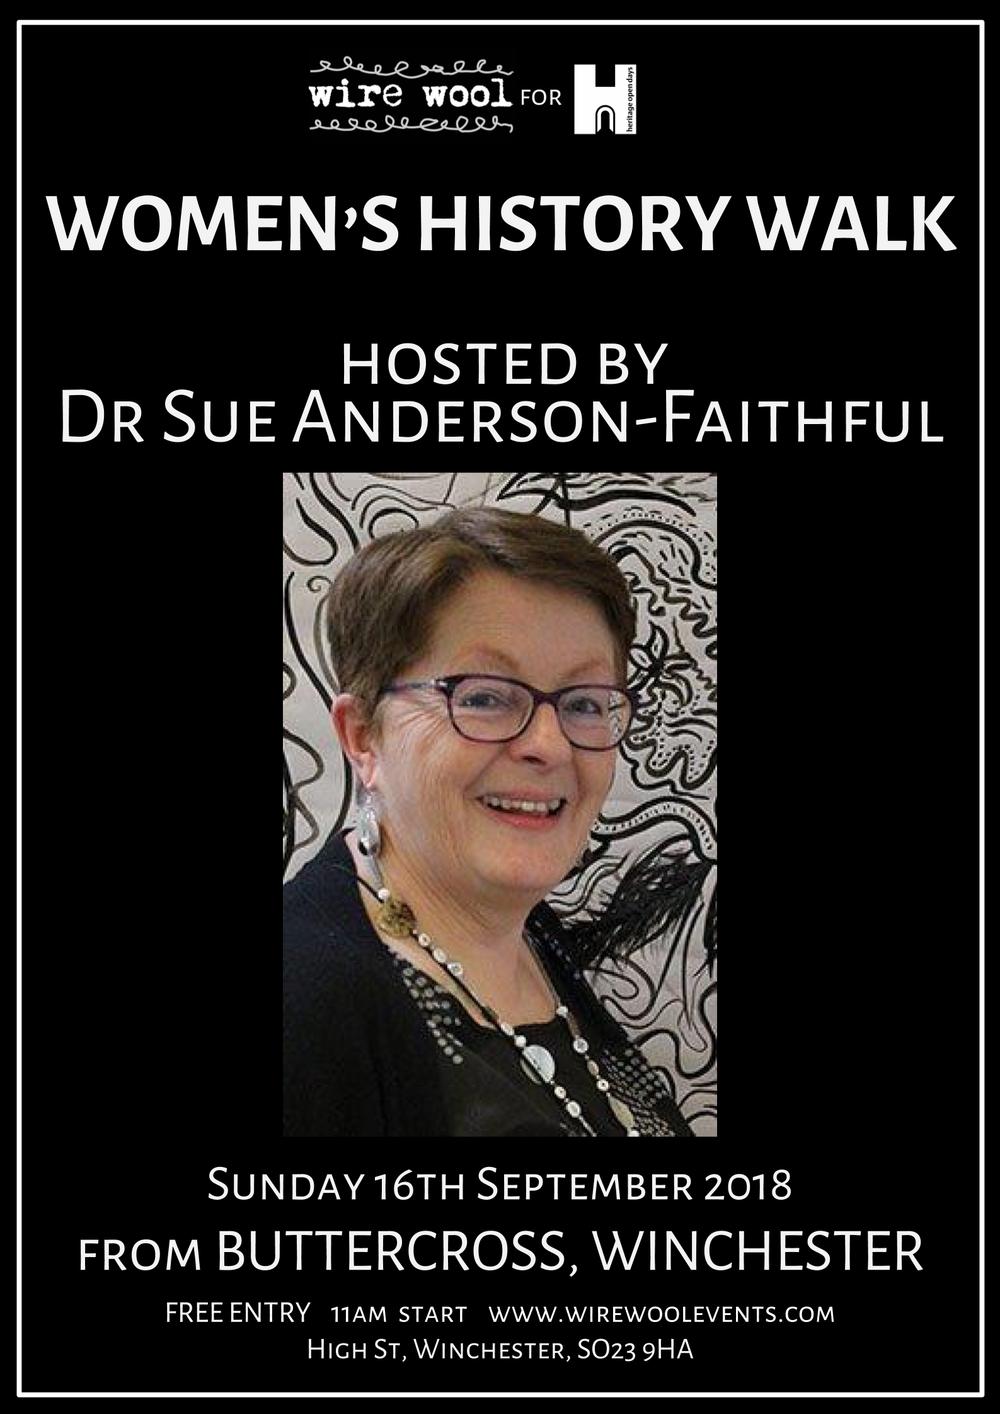 Women of Winchester: Historical Walk  Sunday, September 16, 2018 11:00am High Street, Winchester